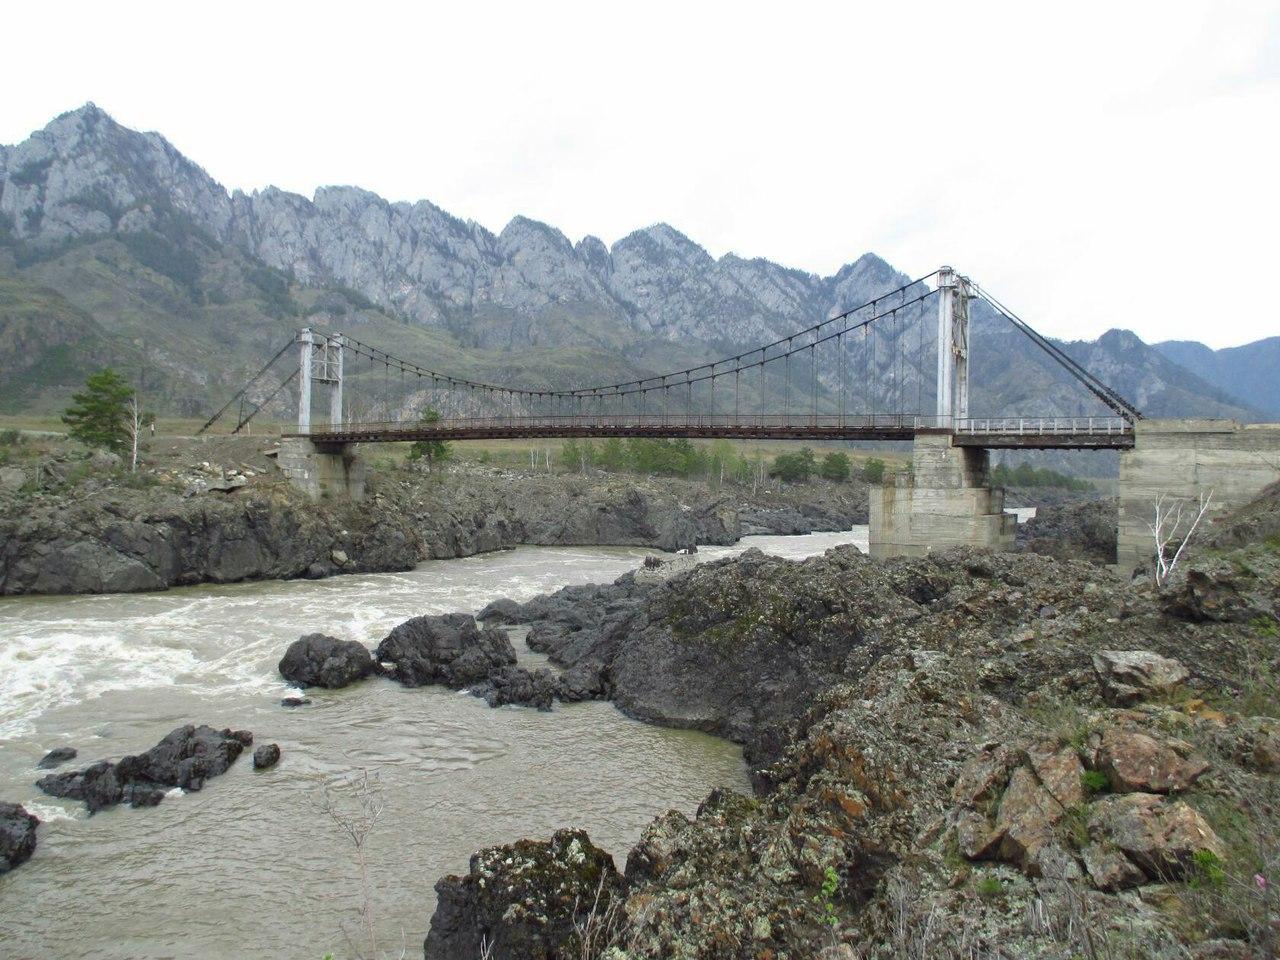 Ороктойский мост, Горный Алтай, фото